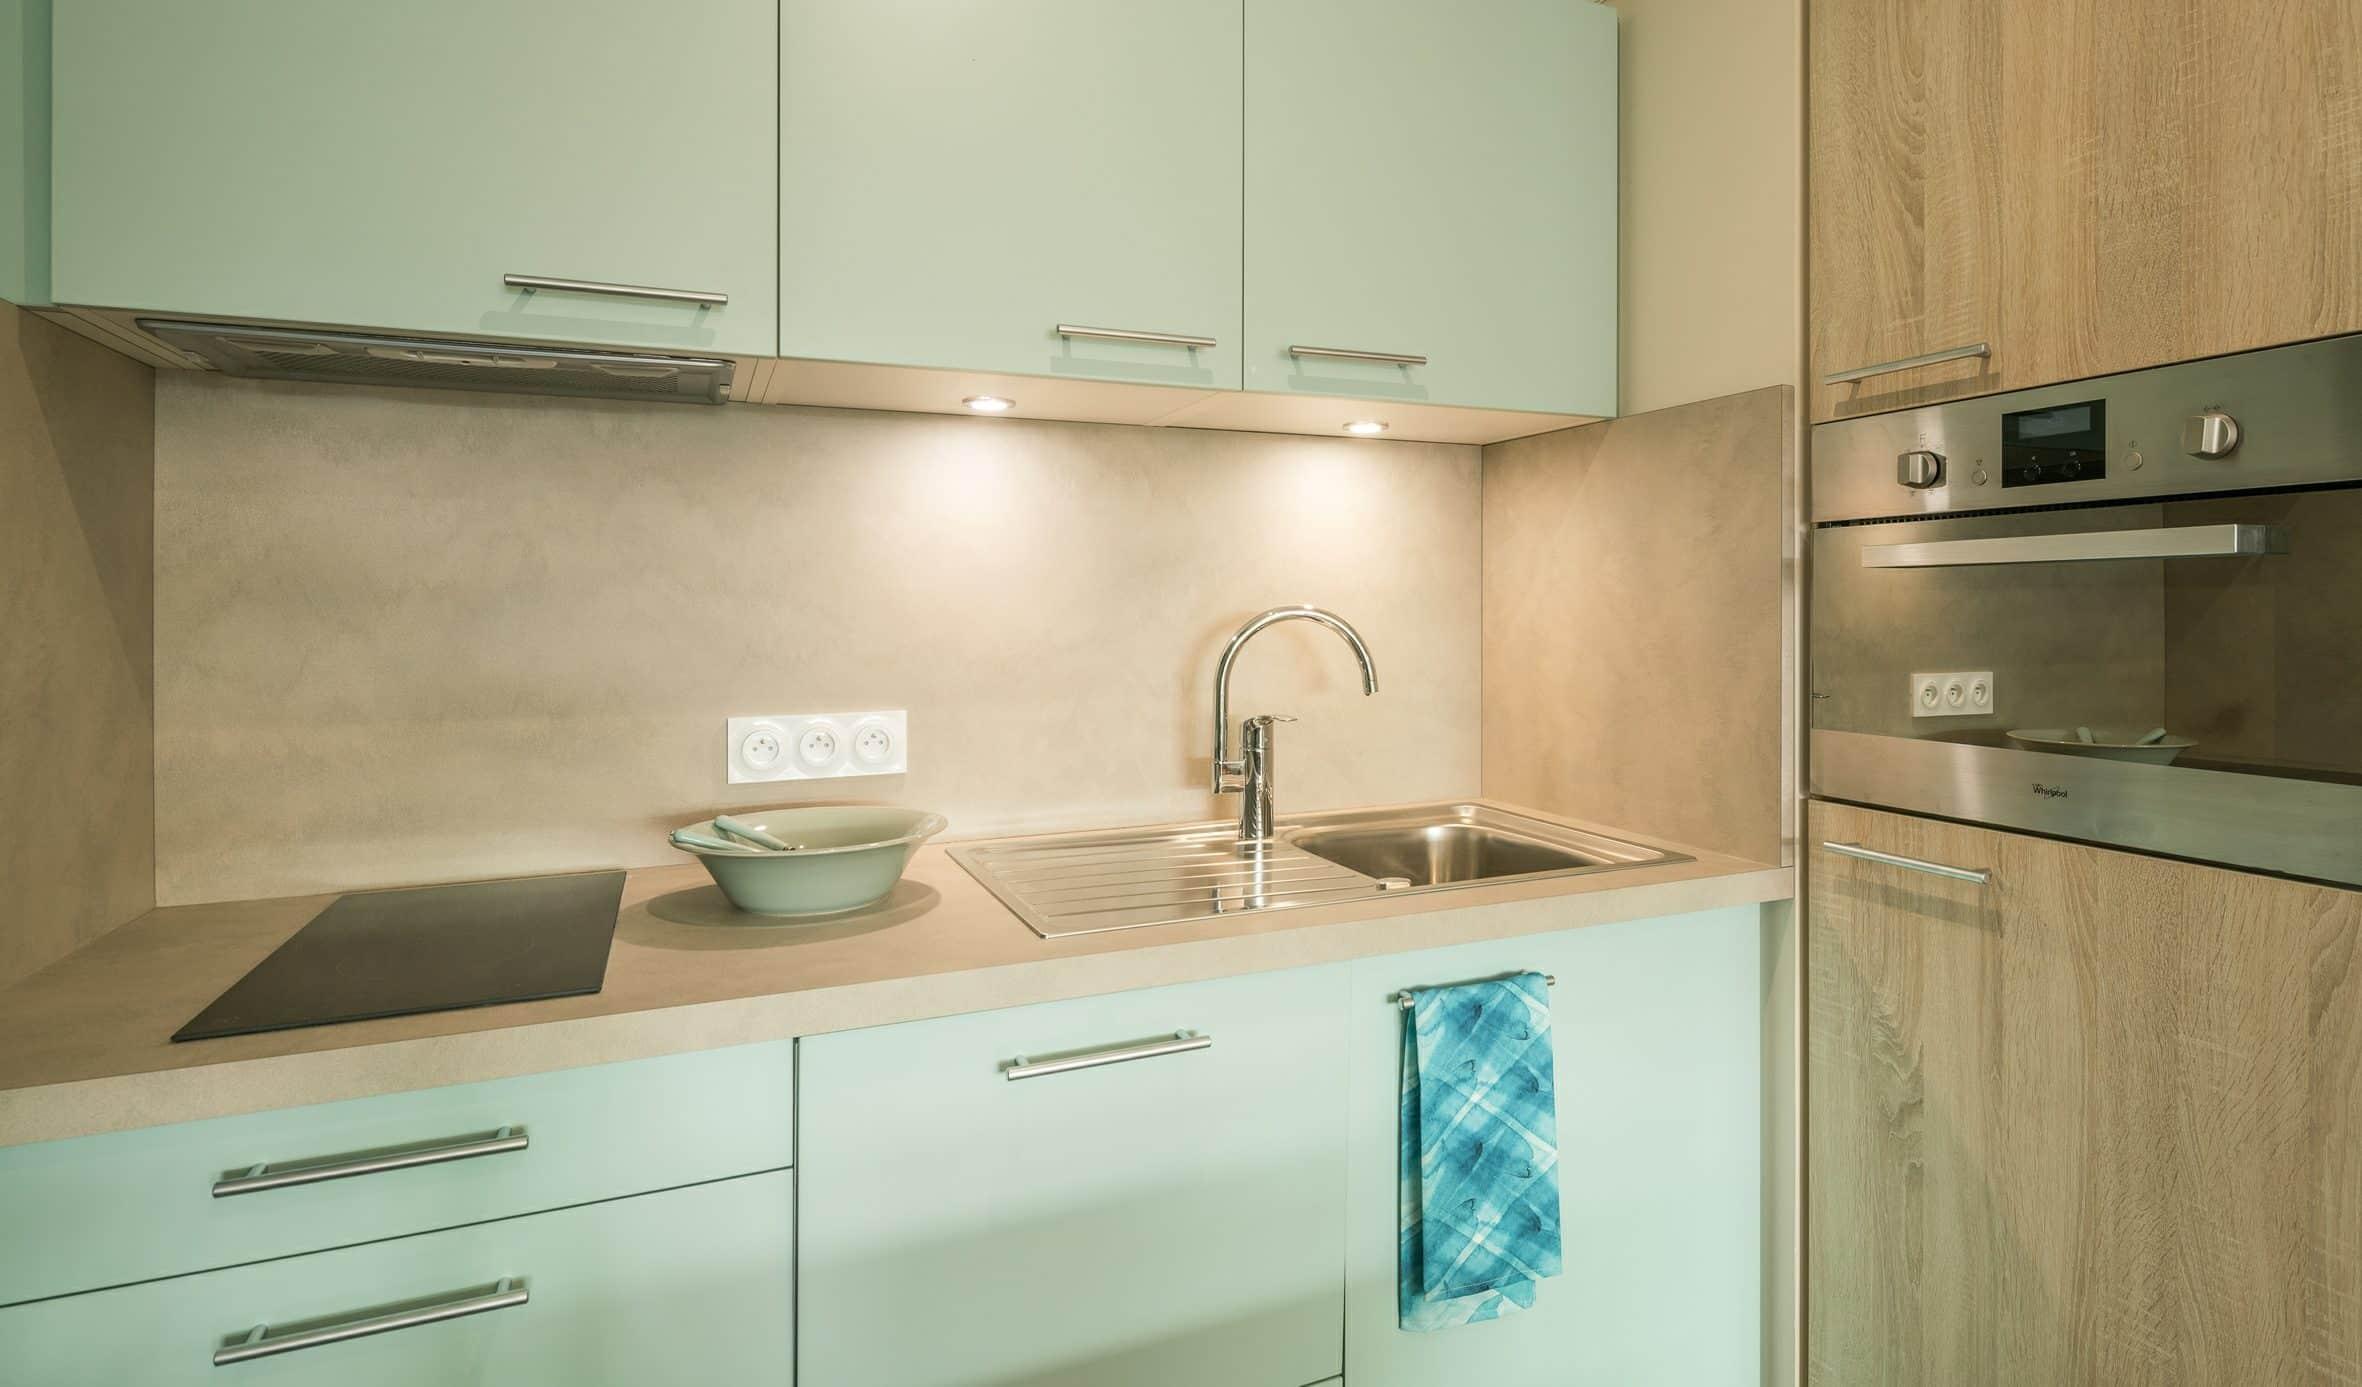 Votre cuisine est entièrement équipée. Four, réfrigérateur, vaisselle... vous n'avez rien à acheter !